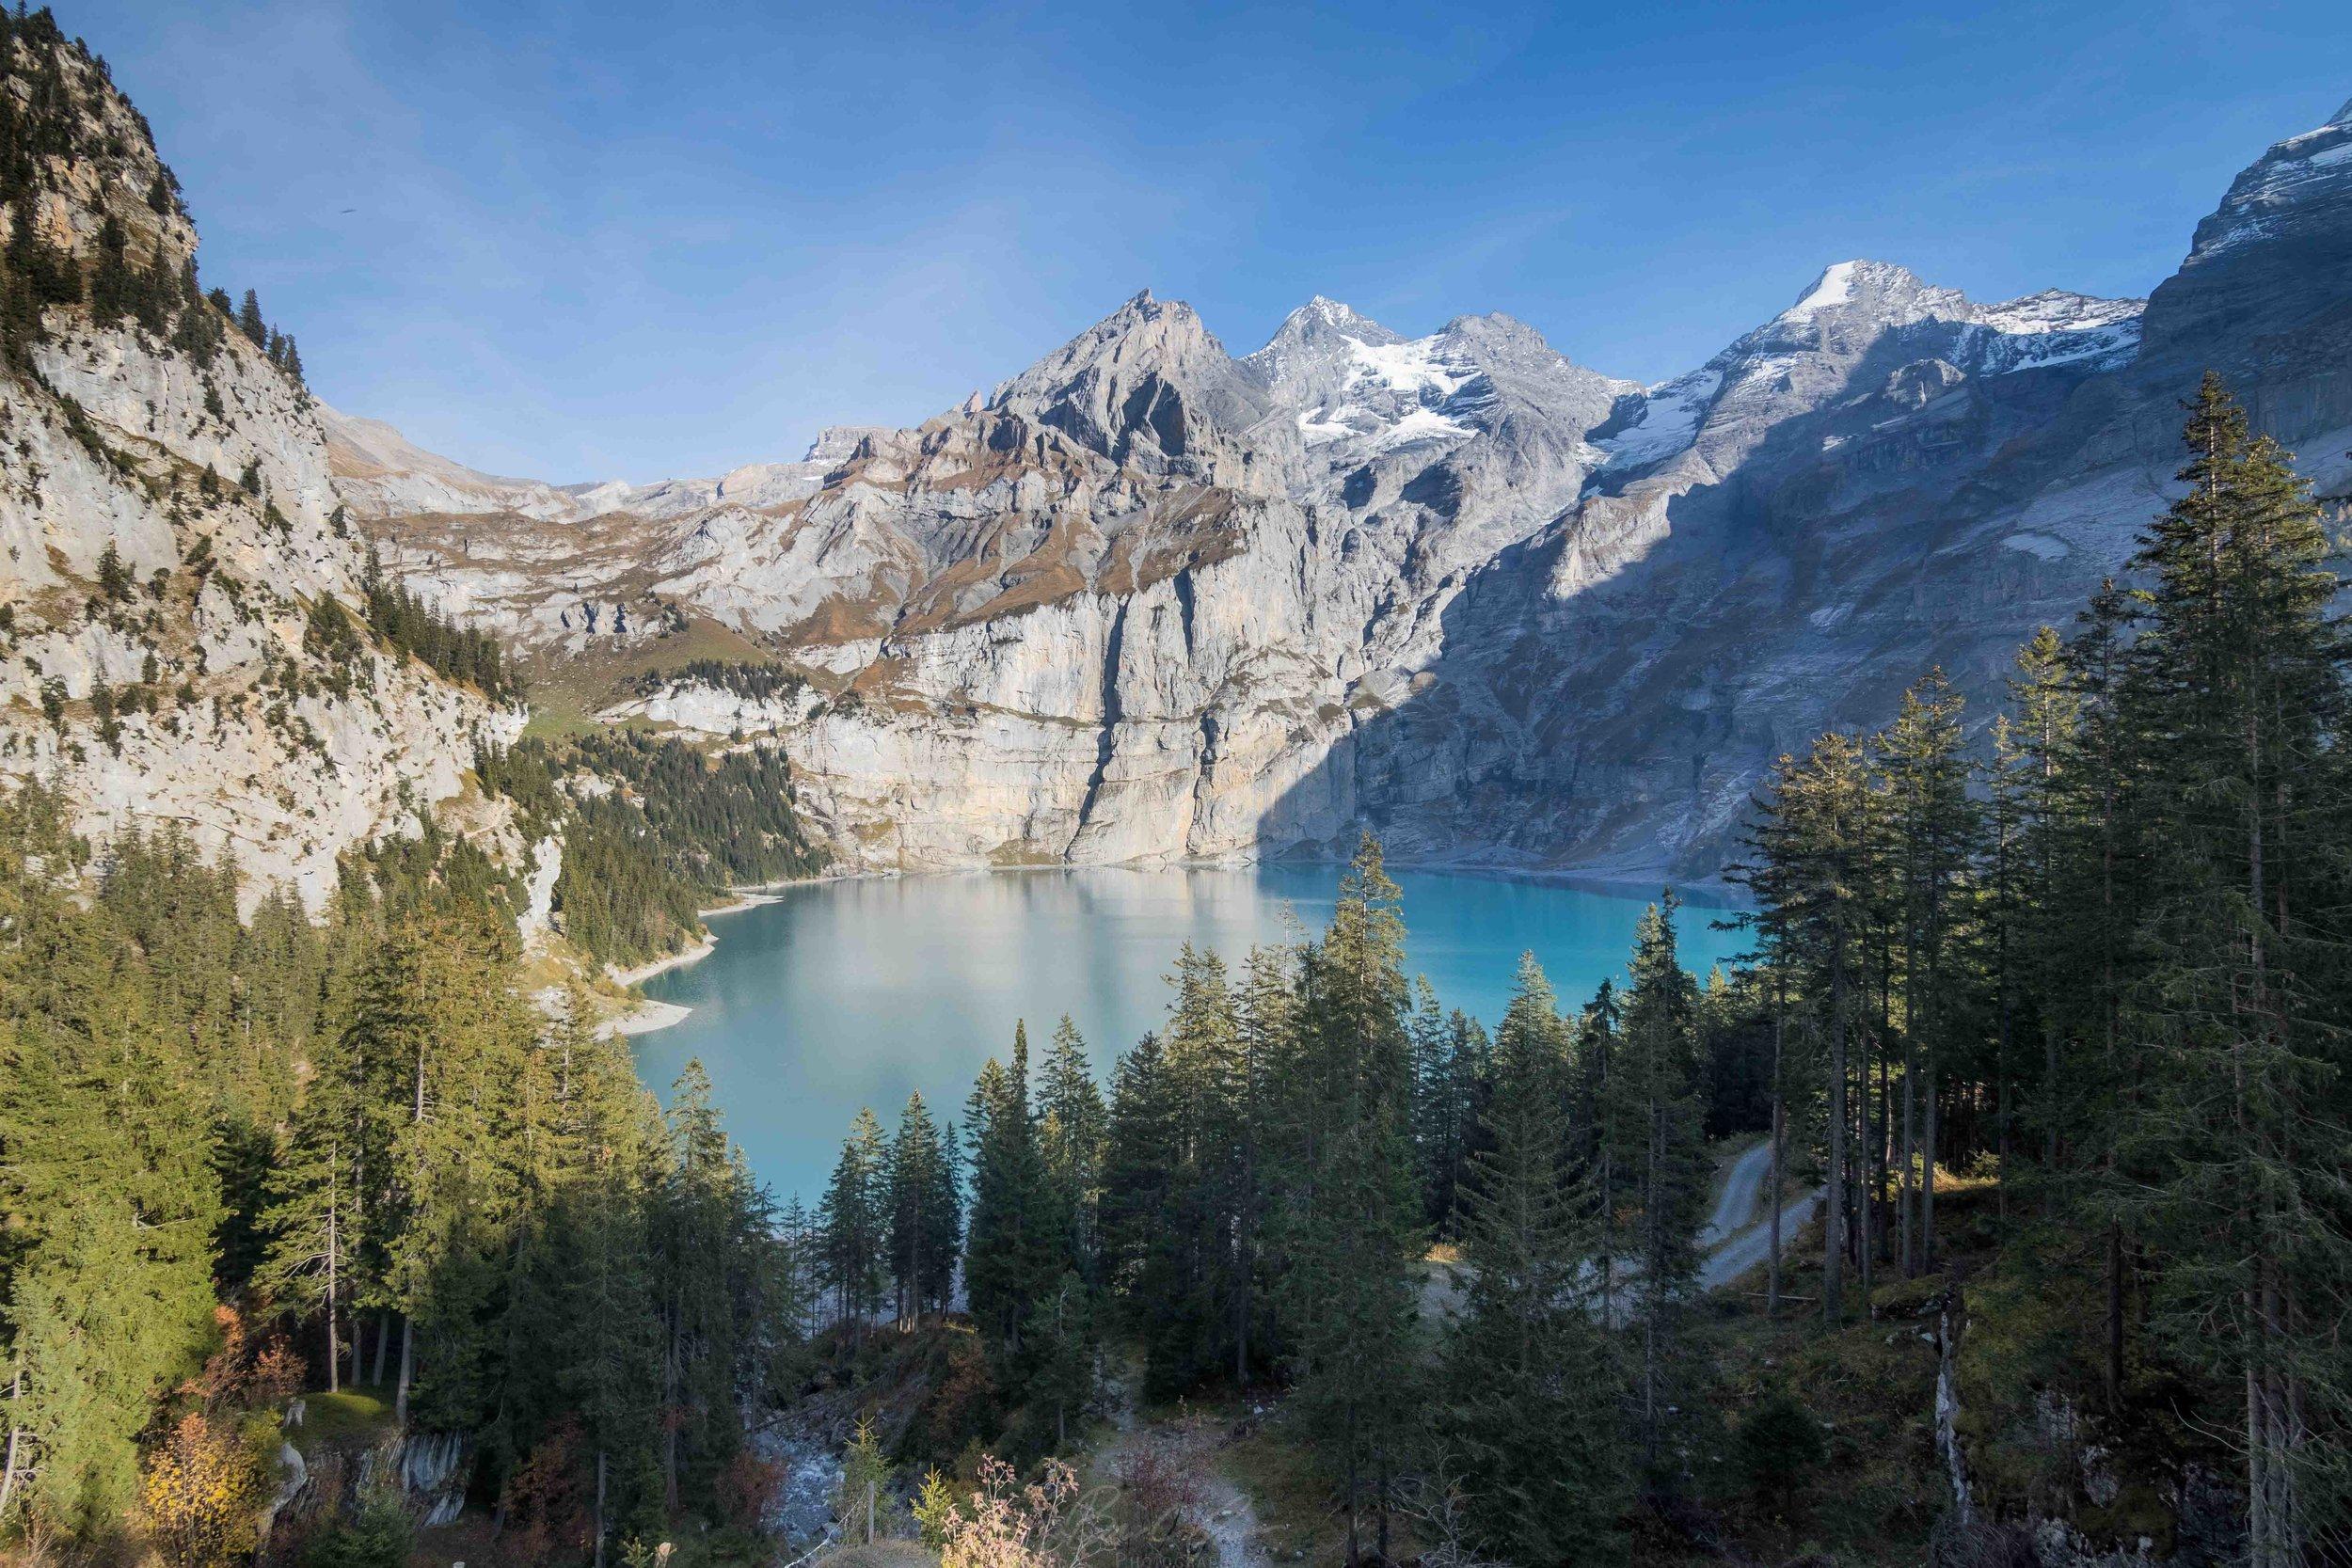 Panoramic View of Oeschinen Lake in Bernese Oberland Switzerland